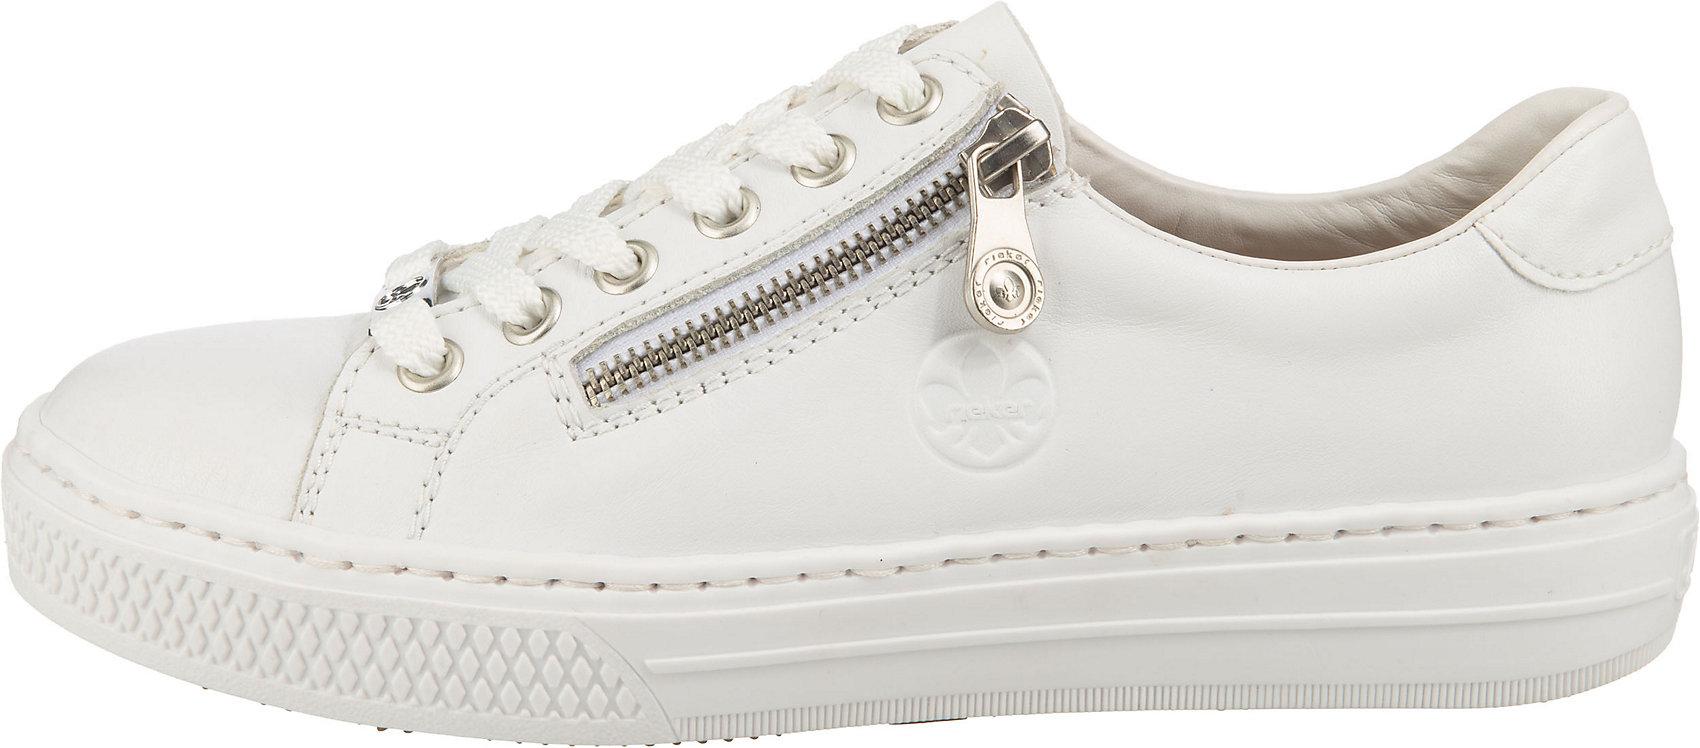 Indexbild 3 - Neu rieker Sneakers Low 17444045 für Damen weiß